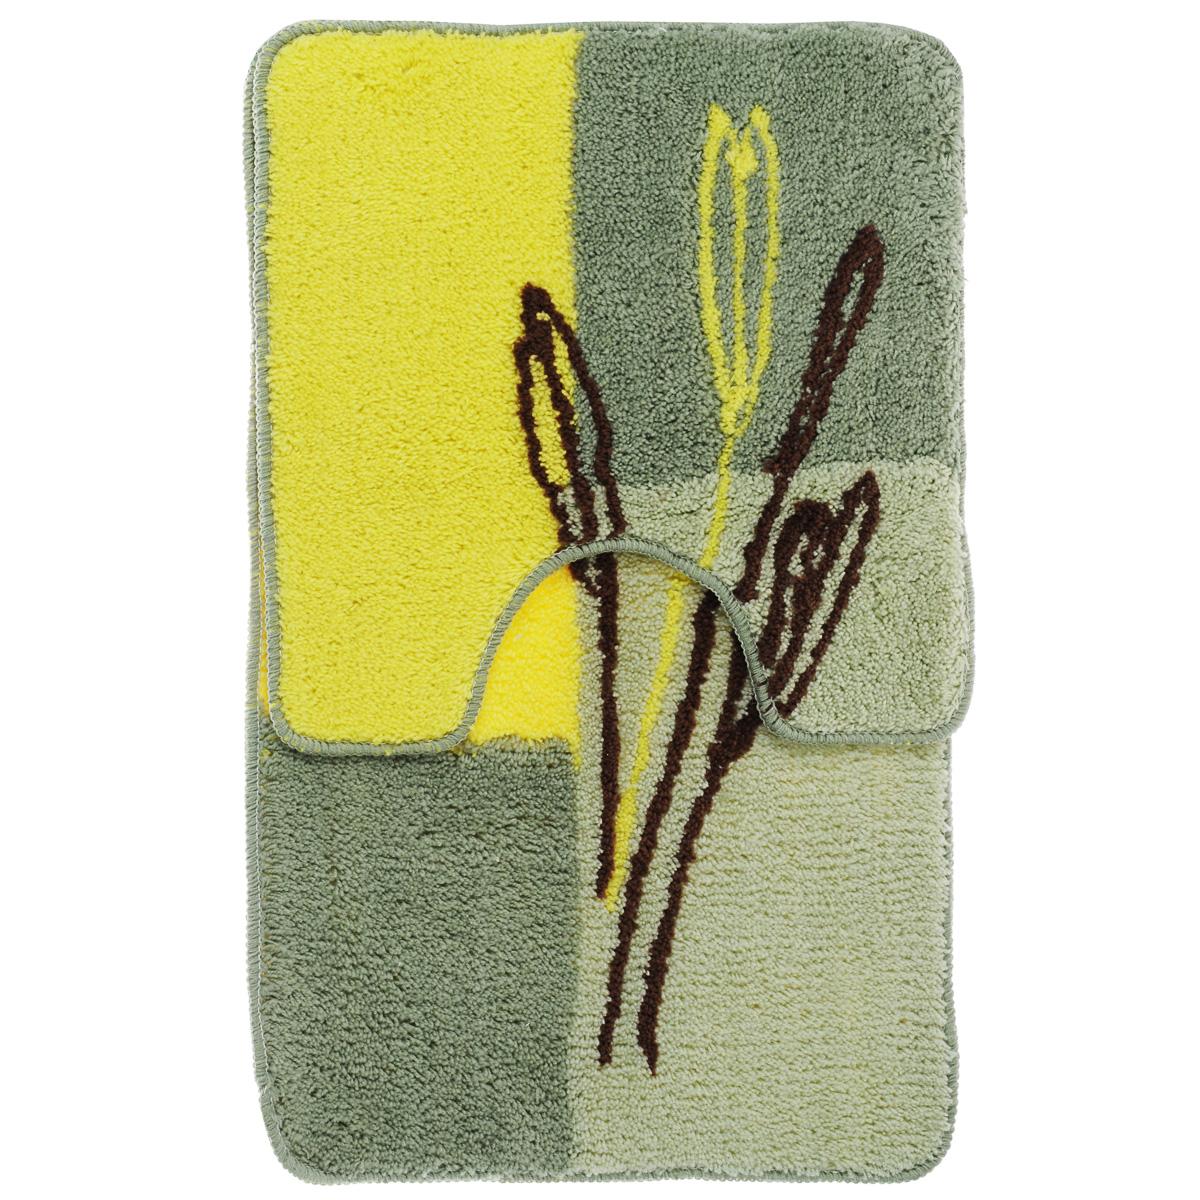 Комплект ковриков для ванной Fresh Code, цвет: зеленый, желтый, 2 предмета55010Комплект Fresh Code состоит из коврика для ванной комнаты и туалета. Коврики изготовлены из акрила. Это экологически чистый, быстросохнущий, мягкий и износостойкий материал. Красители устойчивы, поэтому коврики не потускнеют даже после многократных стирок в стиральной машине. Благодаря латексной основе коврики не скользят на полу. Края изделий обработаны оверлоком. Можно использовать на полу с подогревом. Набор для ванной Fresh Code подарит ощущение тепла и комфорта, а также привнесет уют в вашу ванную комнату.